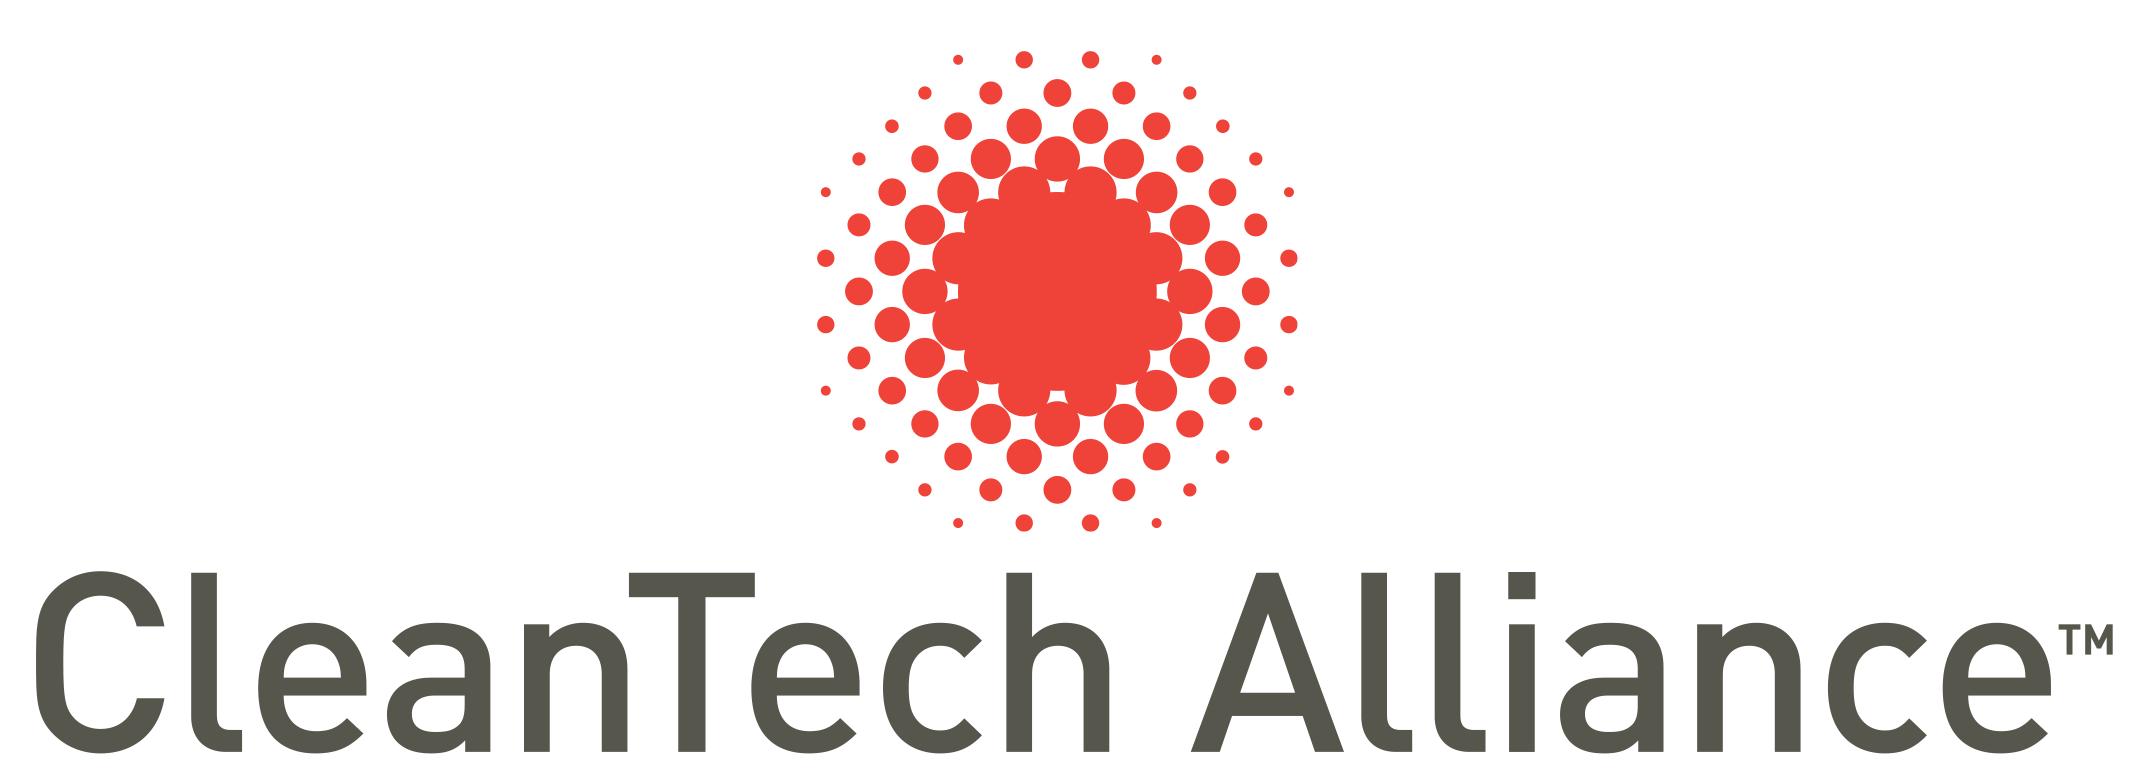 CleanTech Alliance Logo